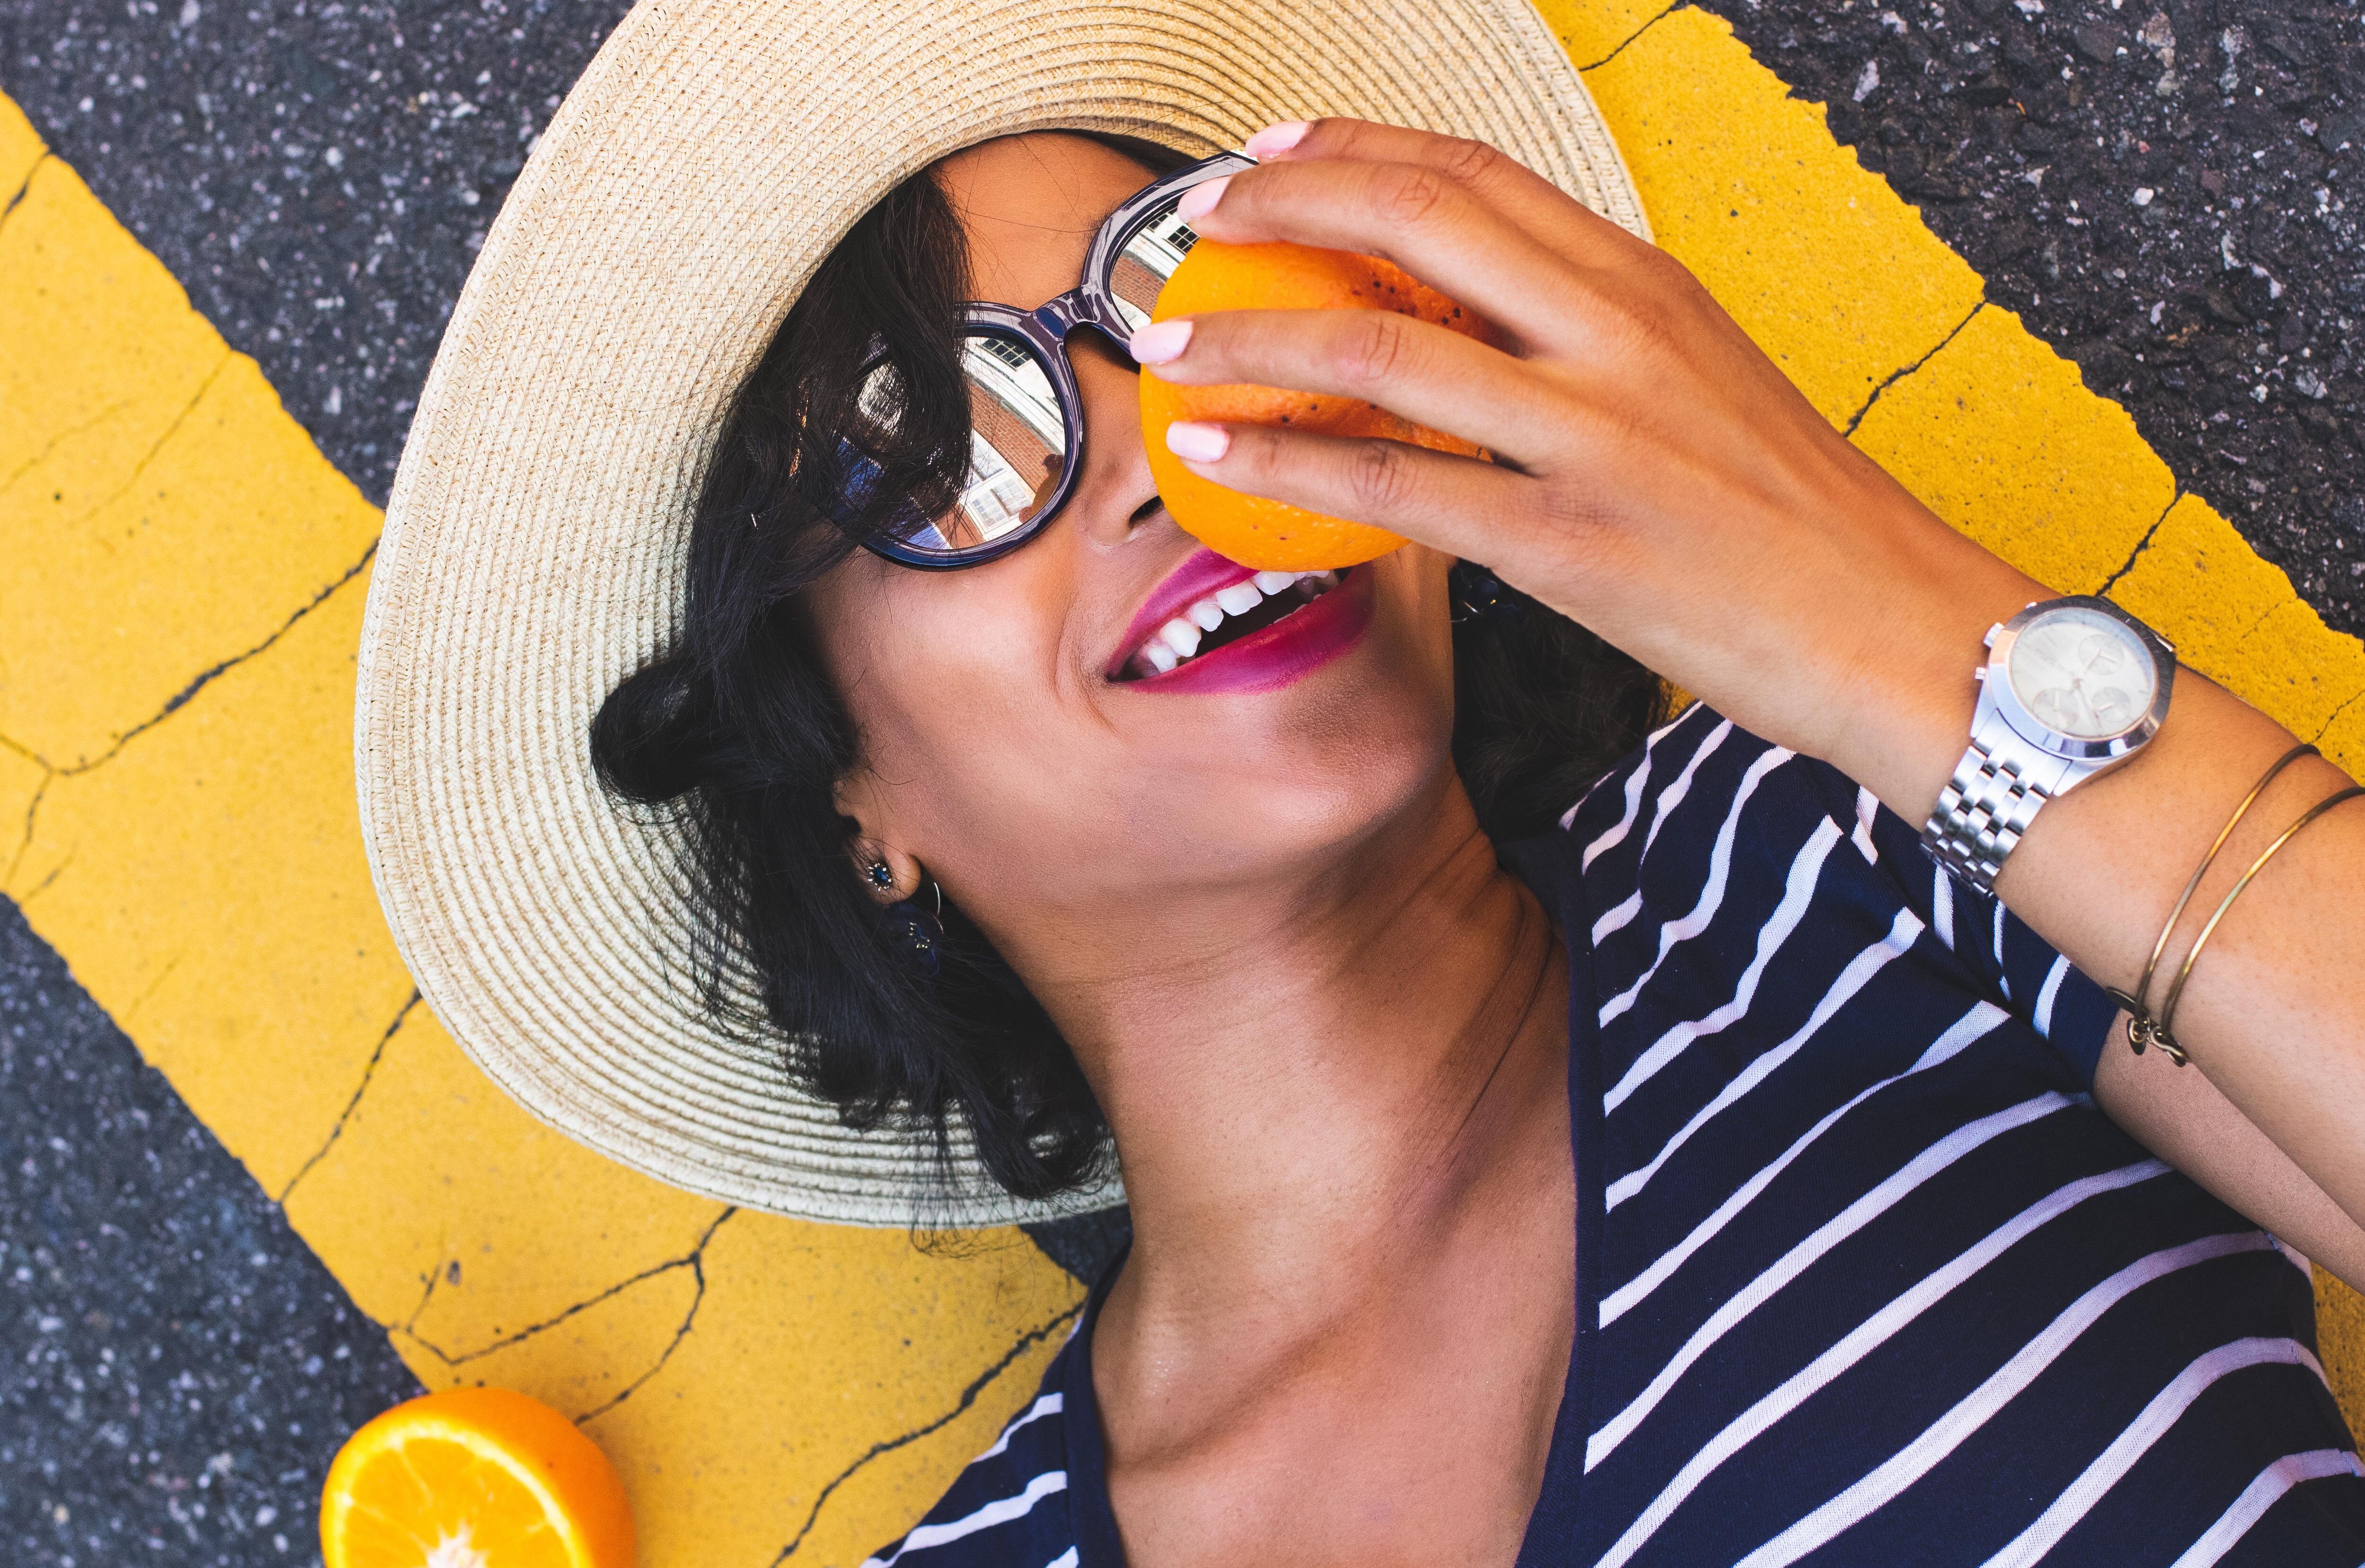 Ha ezt Szent-Györgyi Albert tudta volna! – A C-vitamin hatása a bőrre